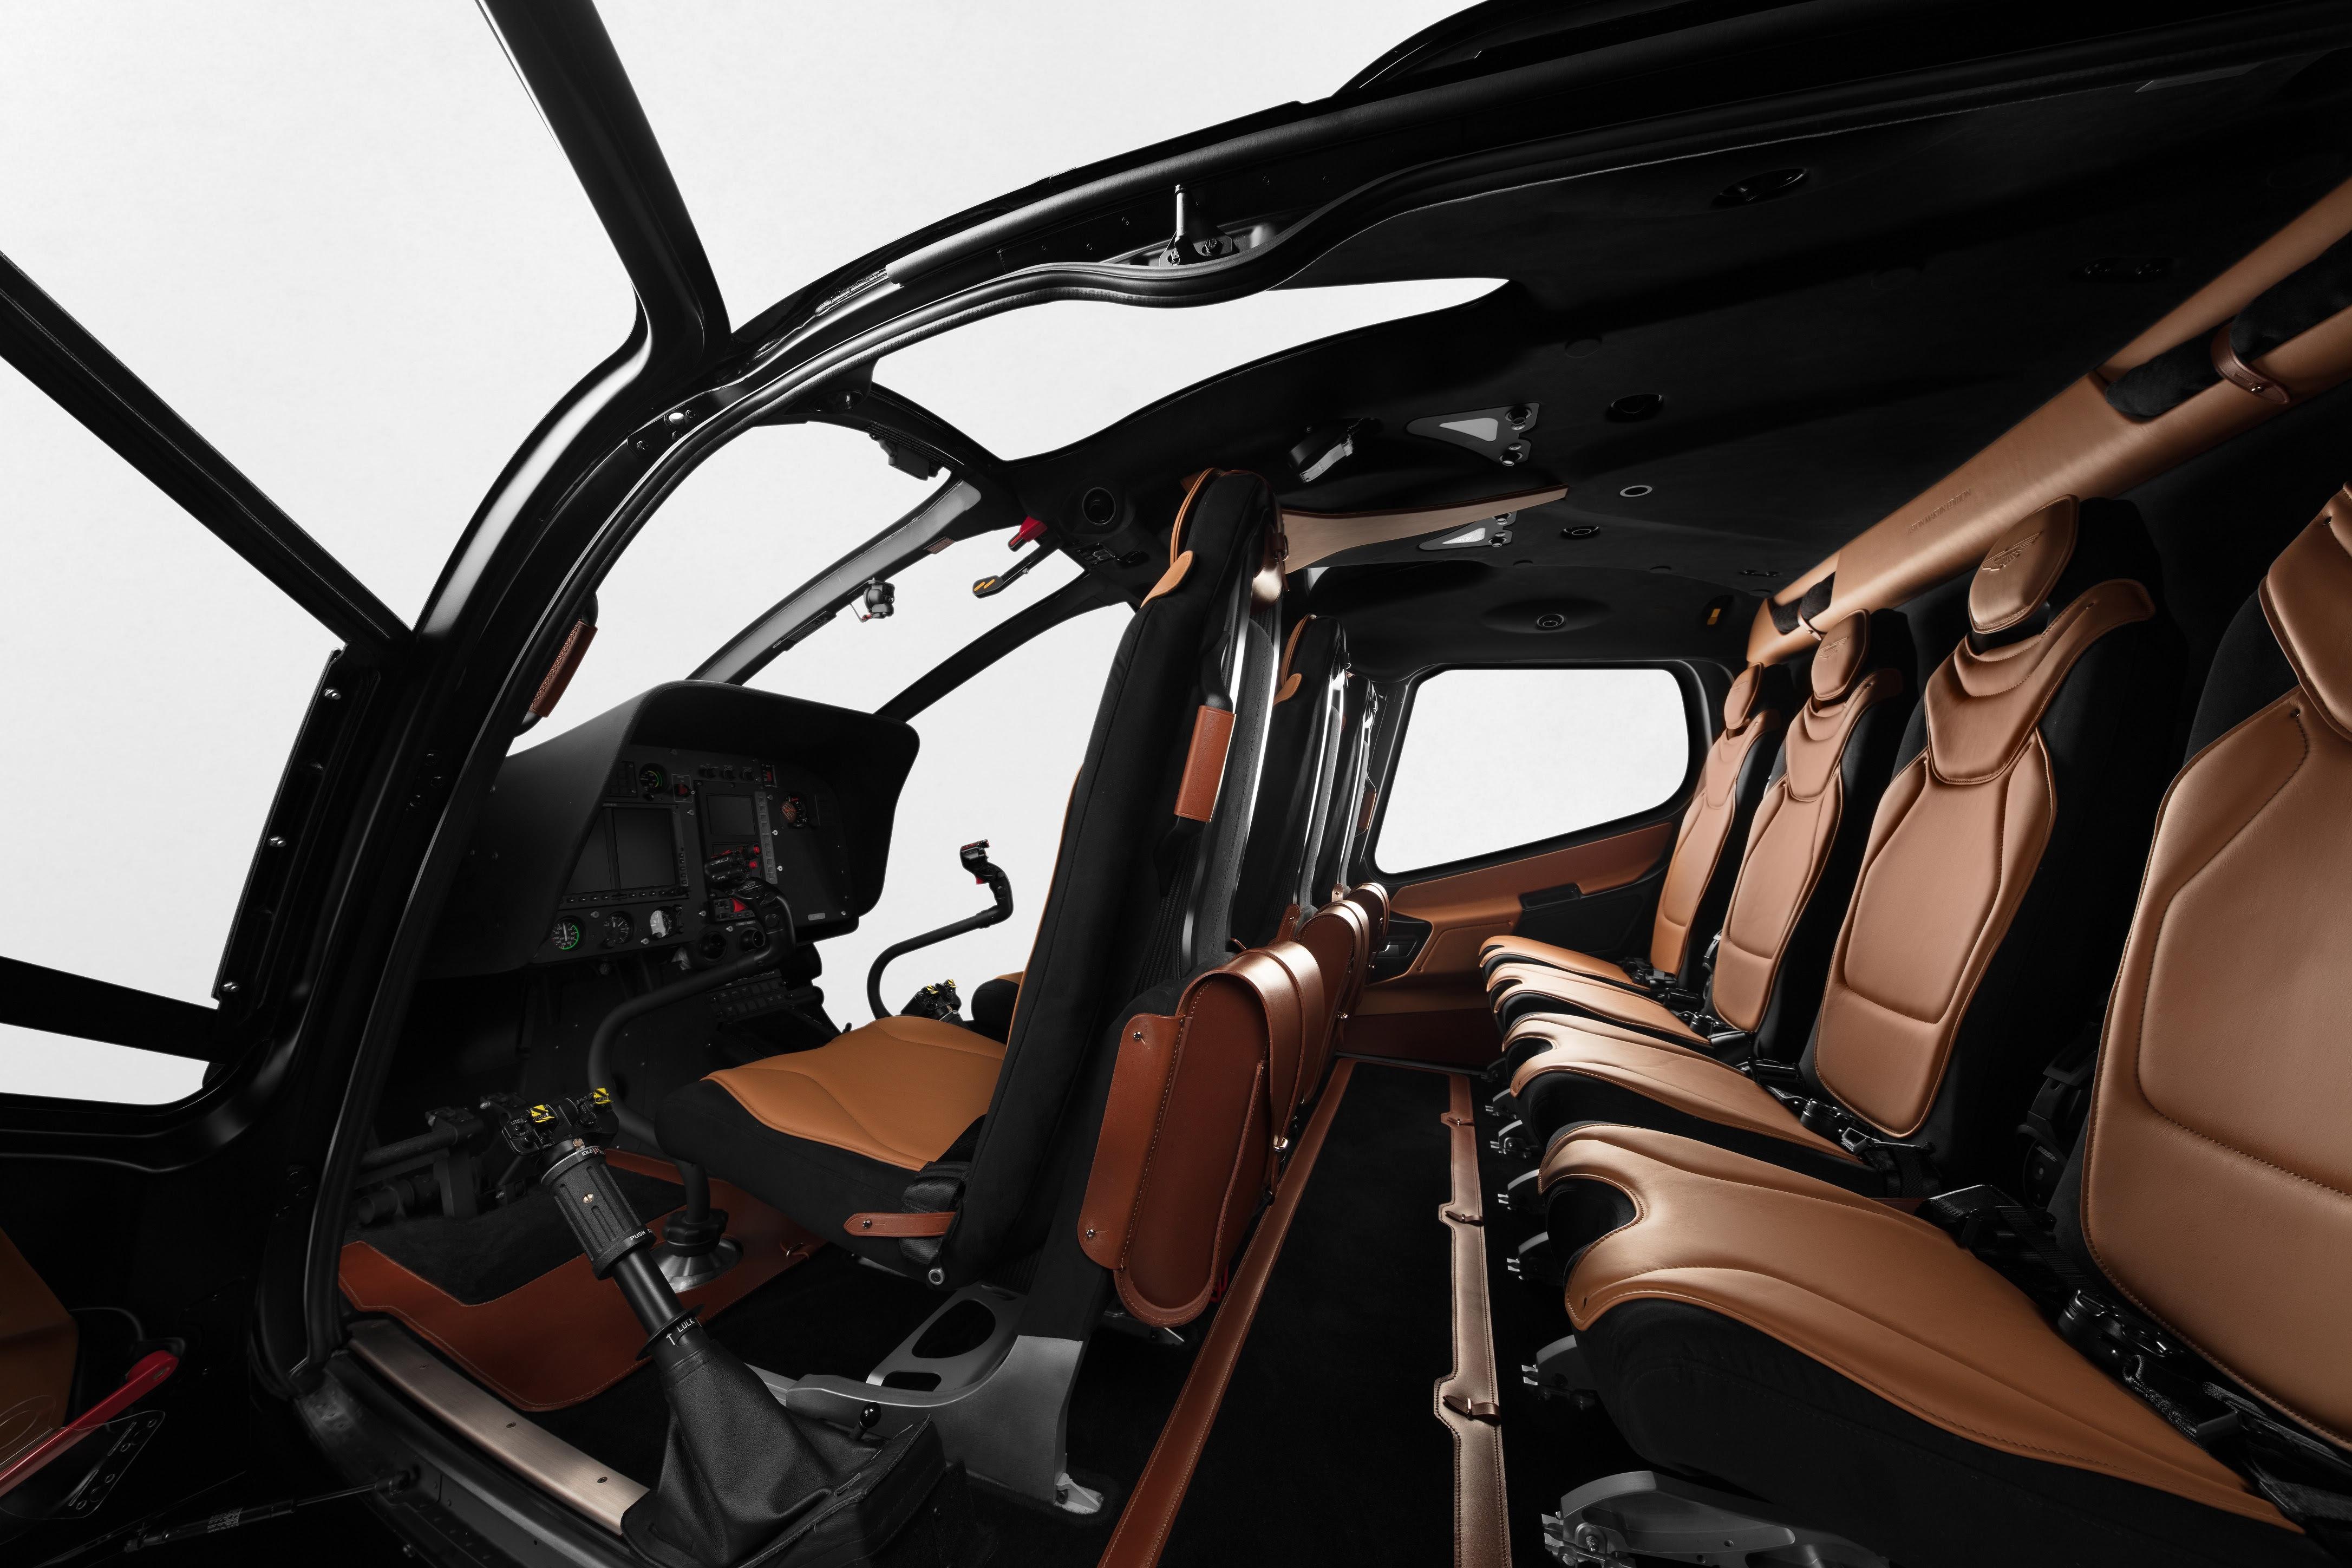 Airbus Helicopters Se Une A Aston Martin Para Lancar Edicao Especial Do Ach130 Voenews